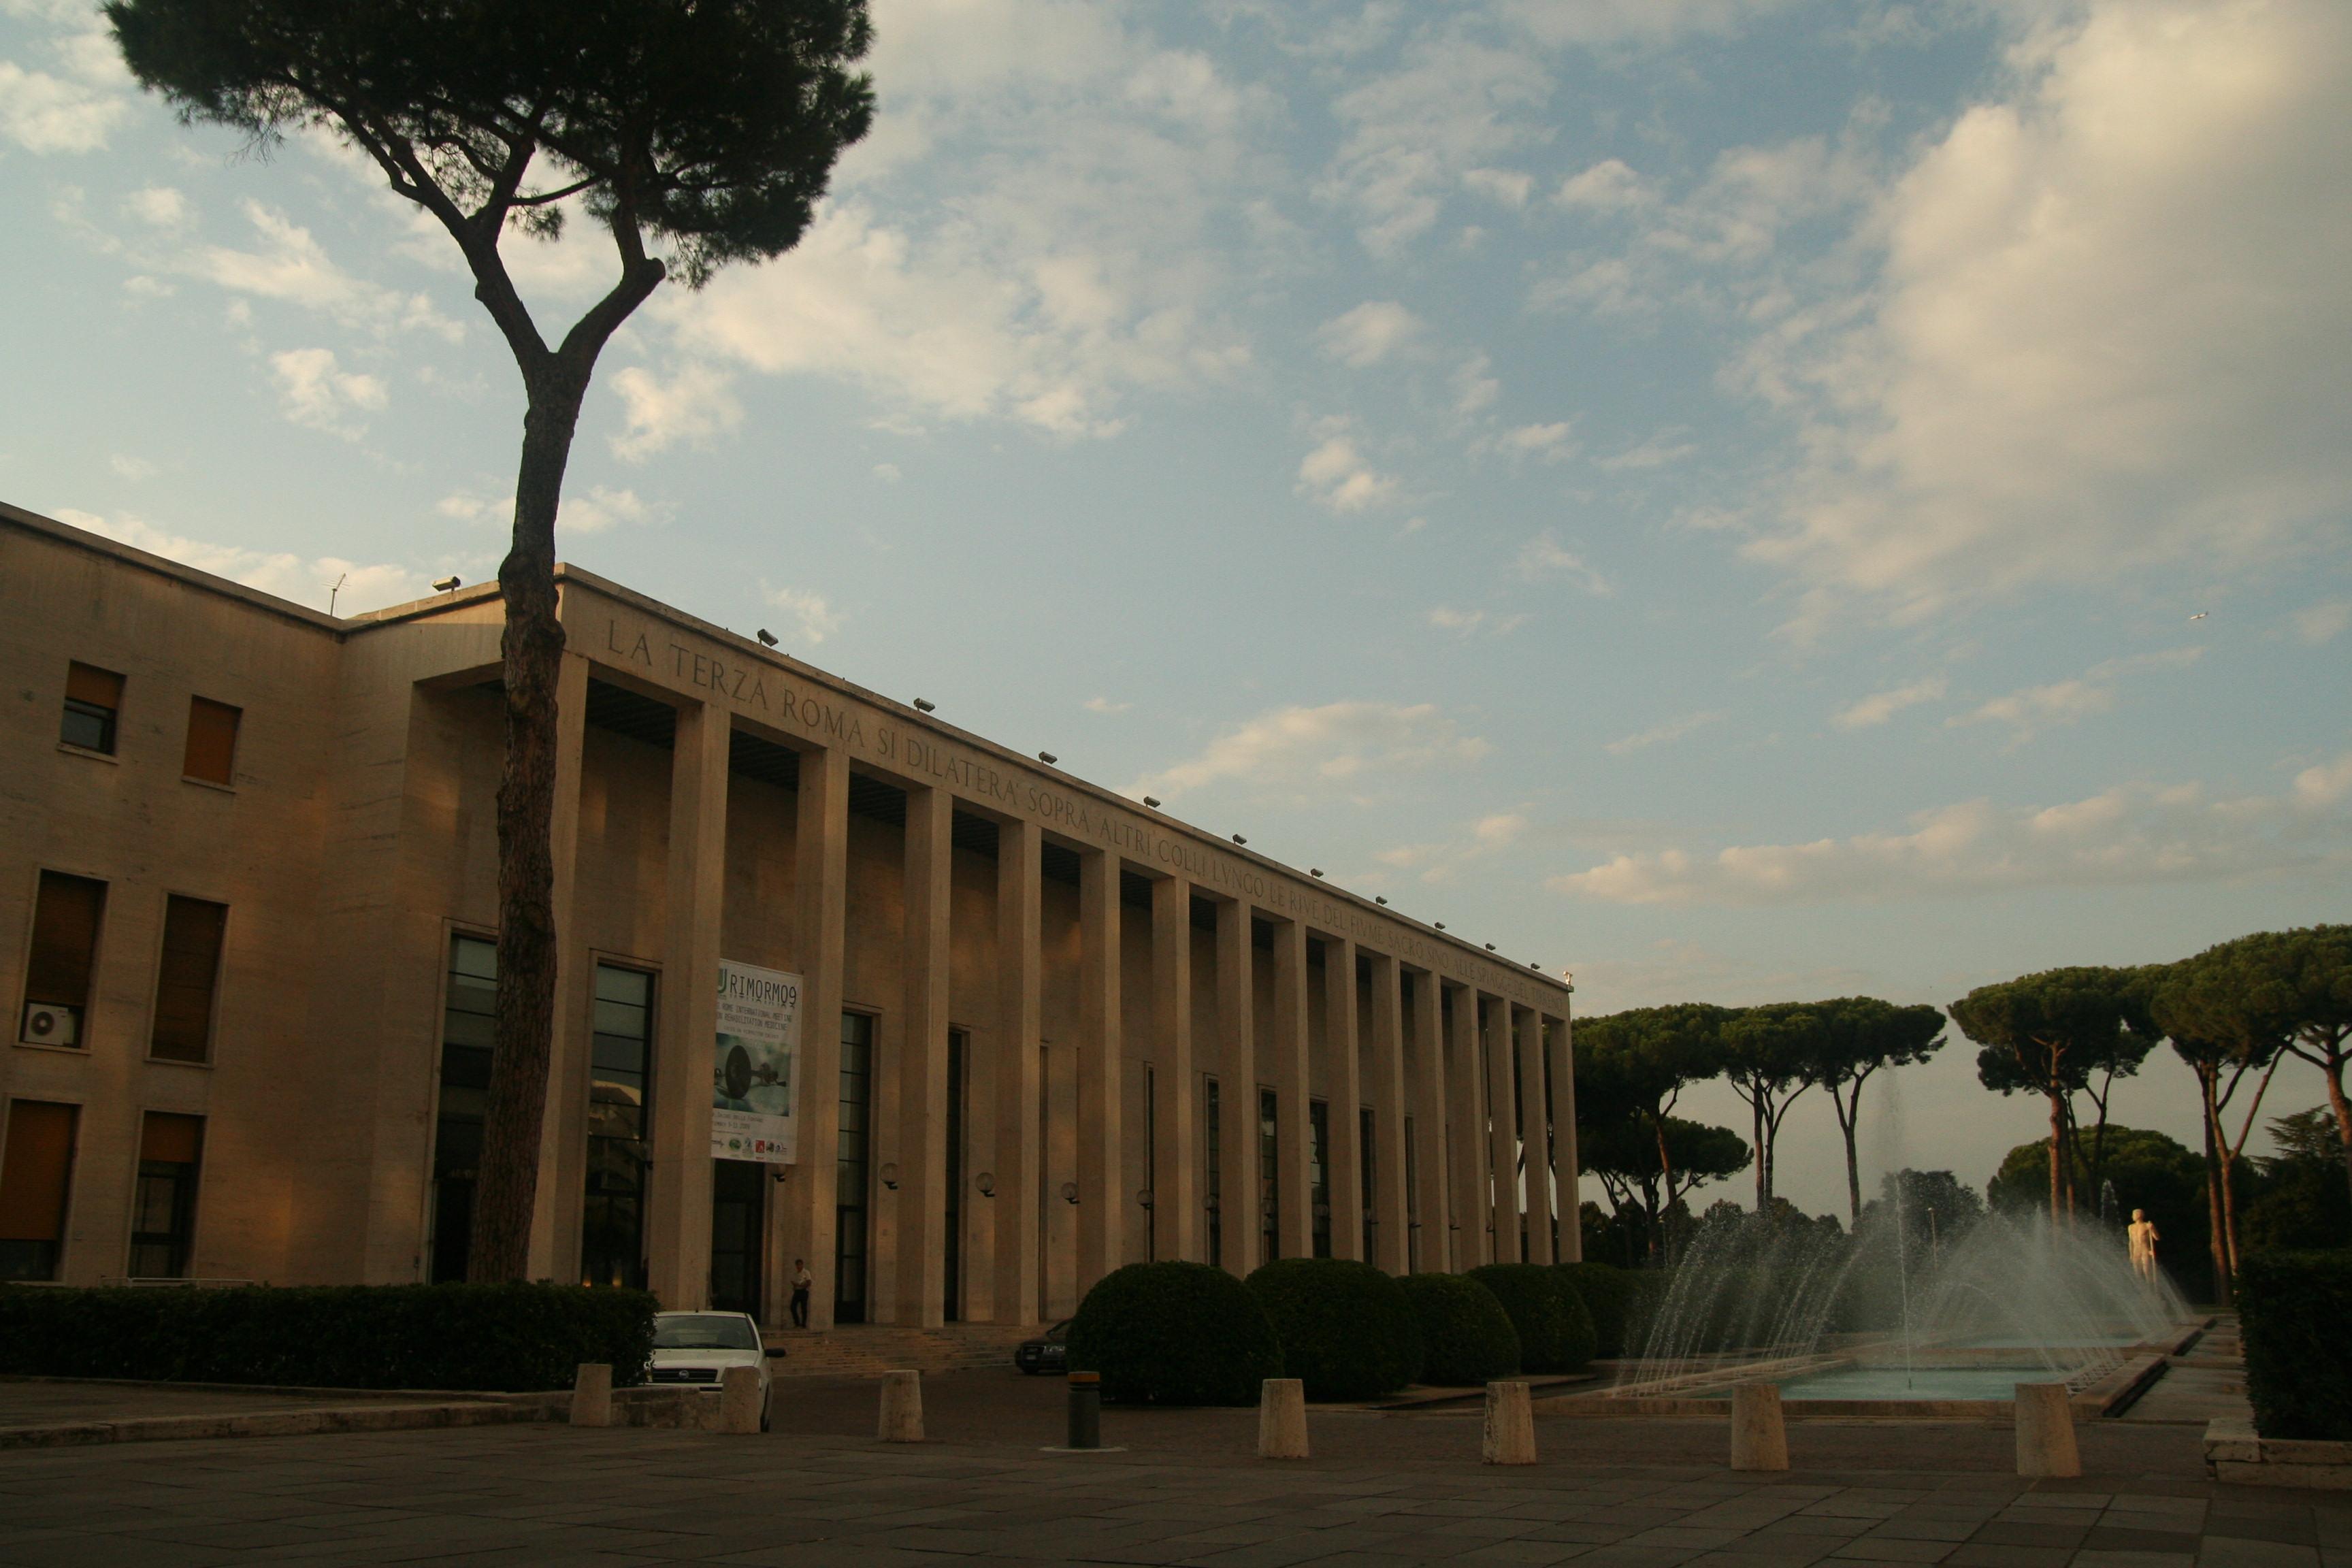 Palazzo degli uffici sede dell 39 ente autonomo eur for Uffici zona eur